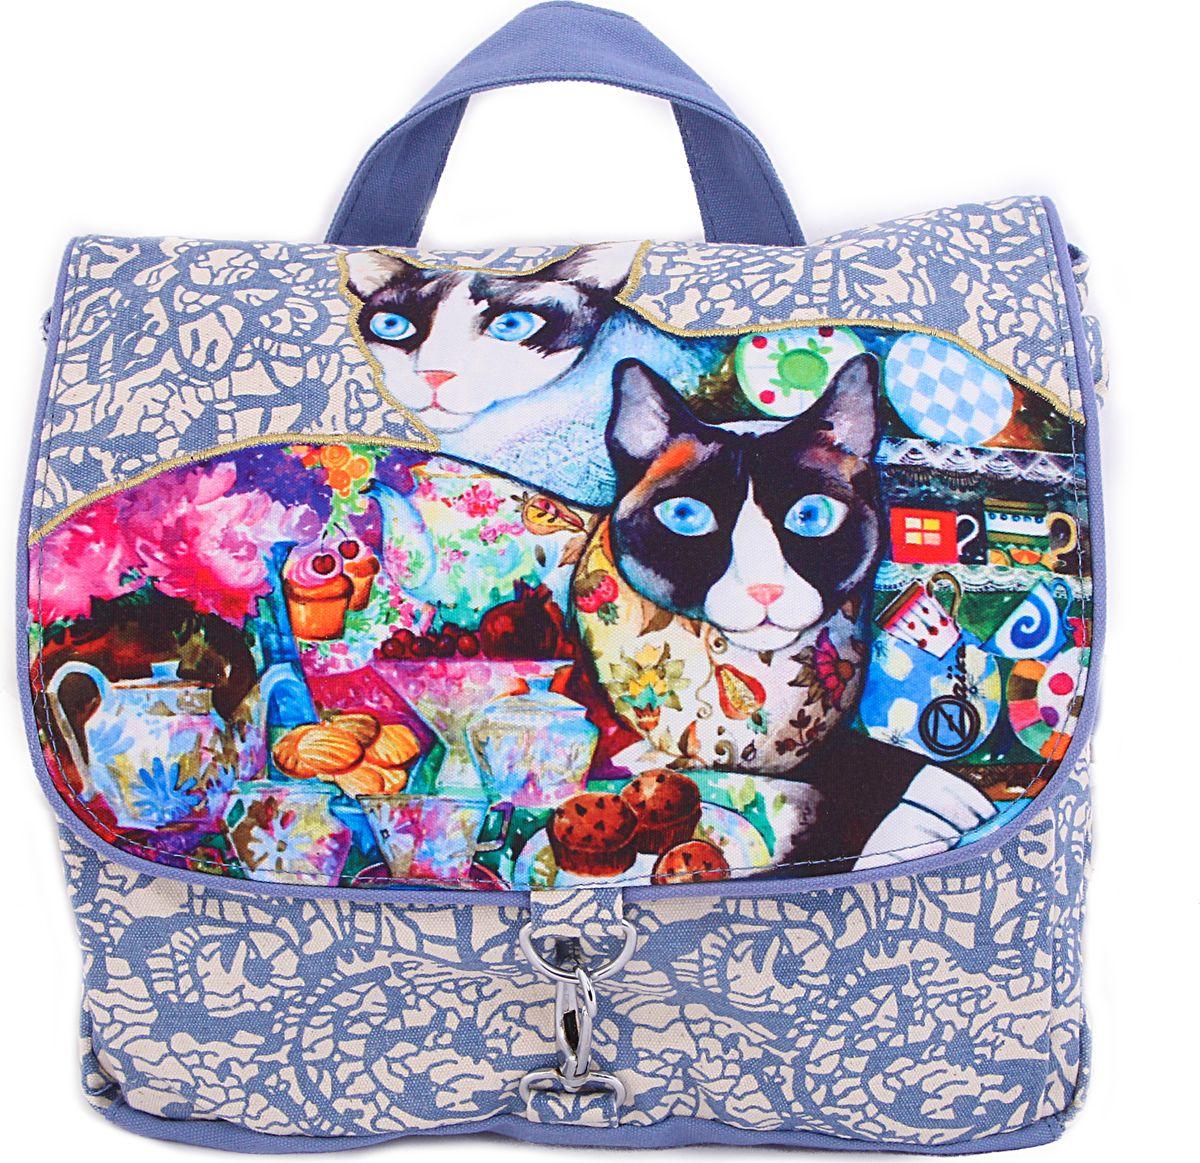 Пляжная сумка женская ГАНГ, цвет: голубой. АВ913ДАВ913Ддекоративная отделка, цифровая печать, одно отделение на молнии, внутренний карман на молнии, карман для моб. телефона, 2 внешних карамна 32*13*33 см;